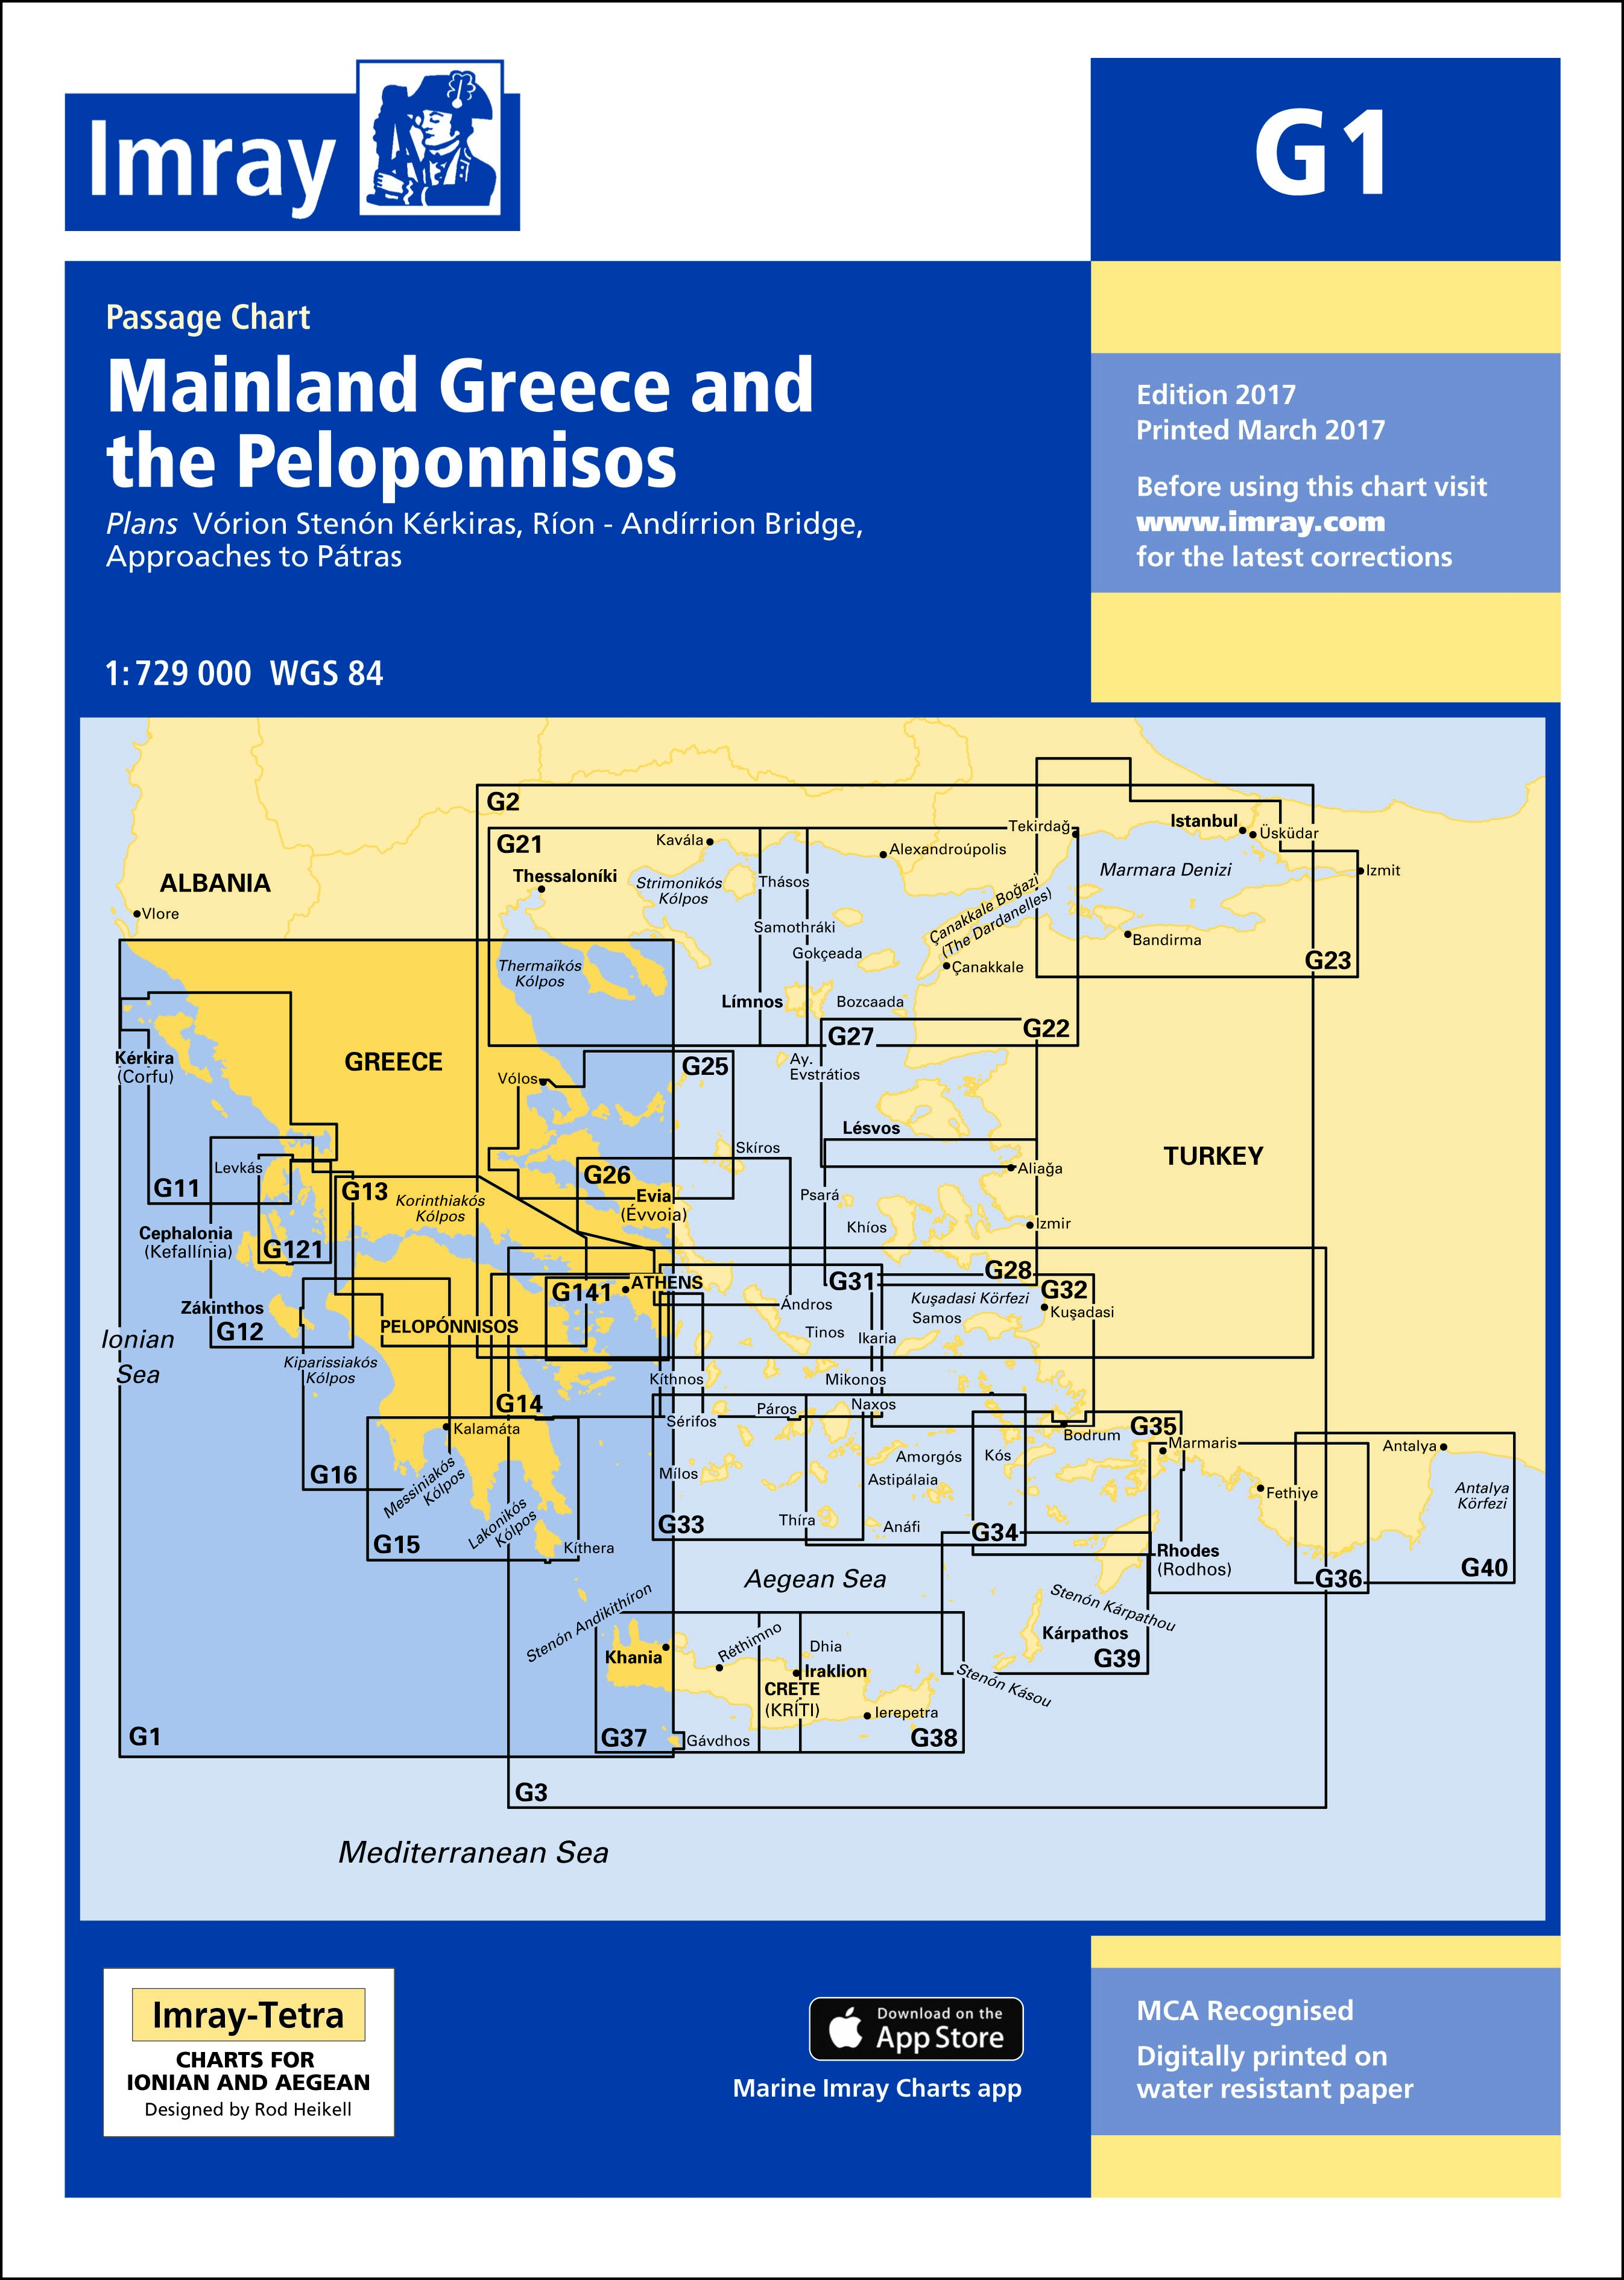 33.53 - Ναυτικός Χάρτης IMRAY M27 Κροατία (Dubrovnik έως Bar και Ulcinj)